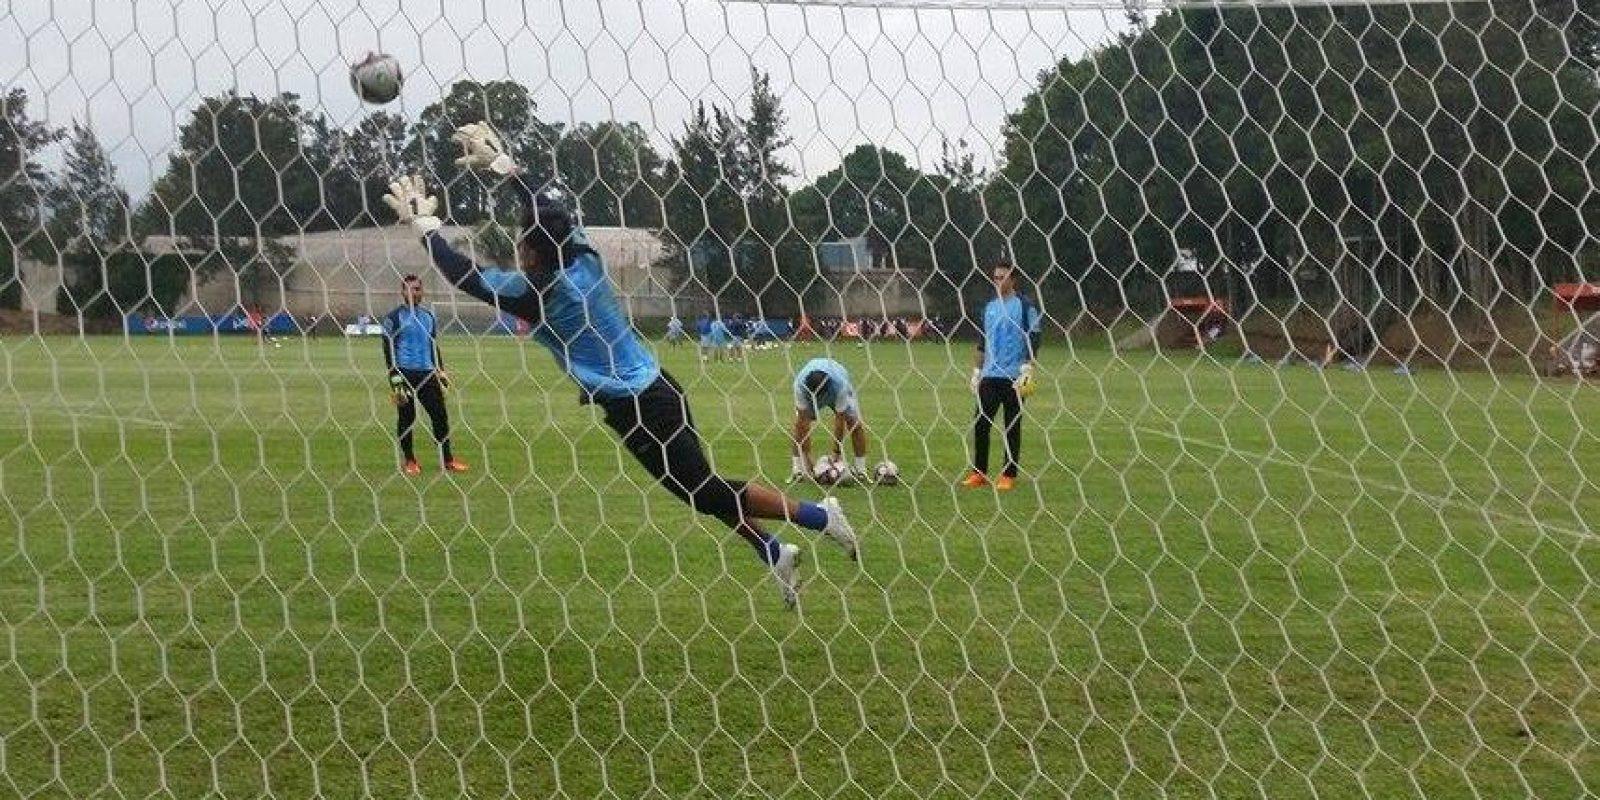 La selección nacional comenzó la etapa final de su preparación para la serie. Foto:Fernando Ruiz